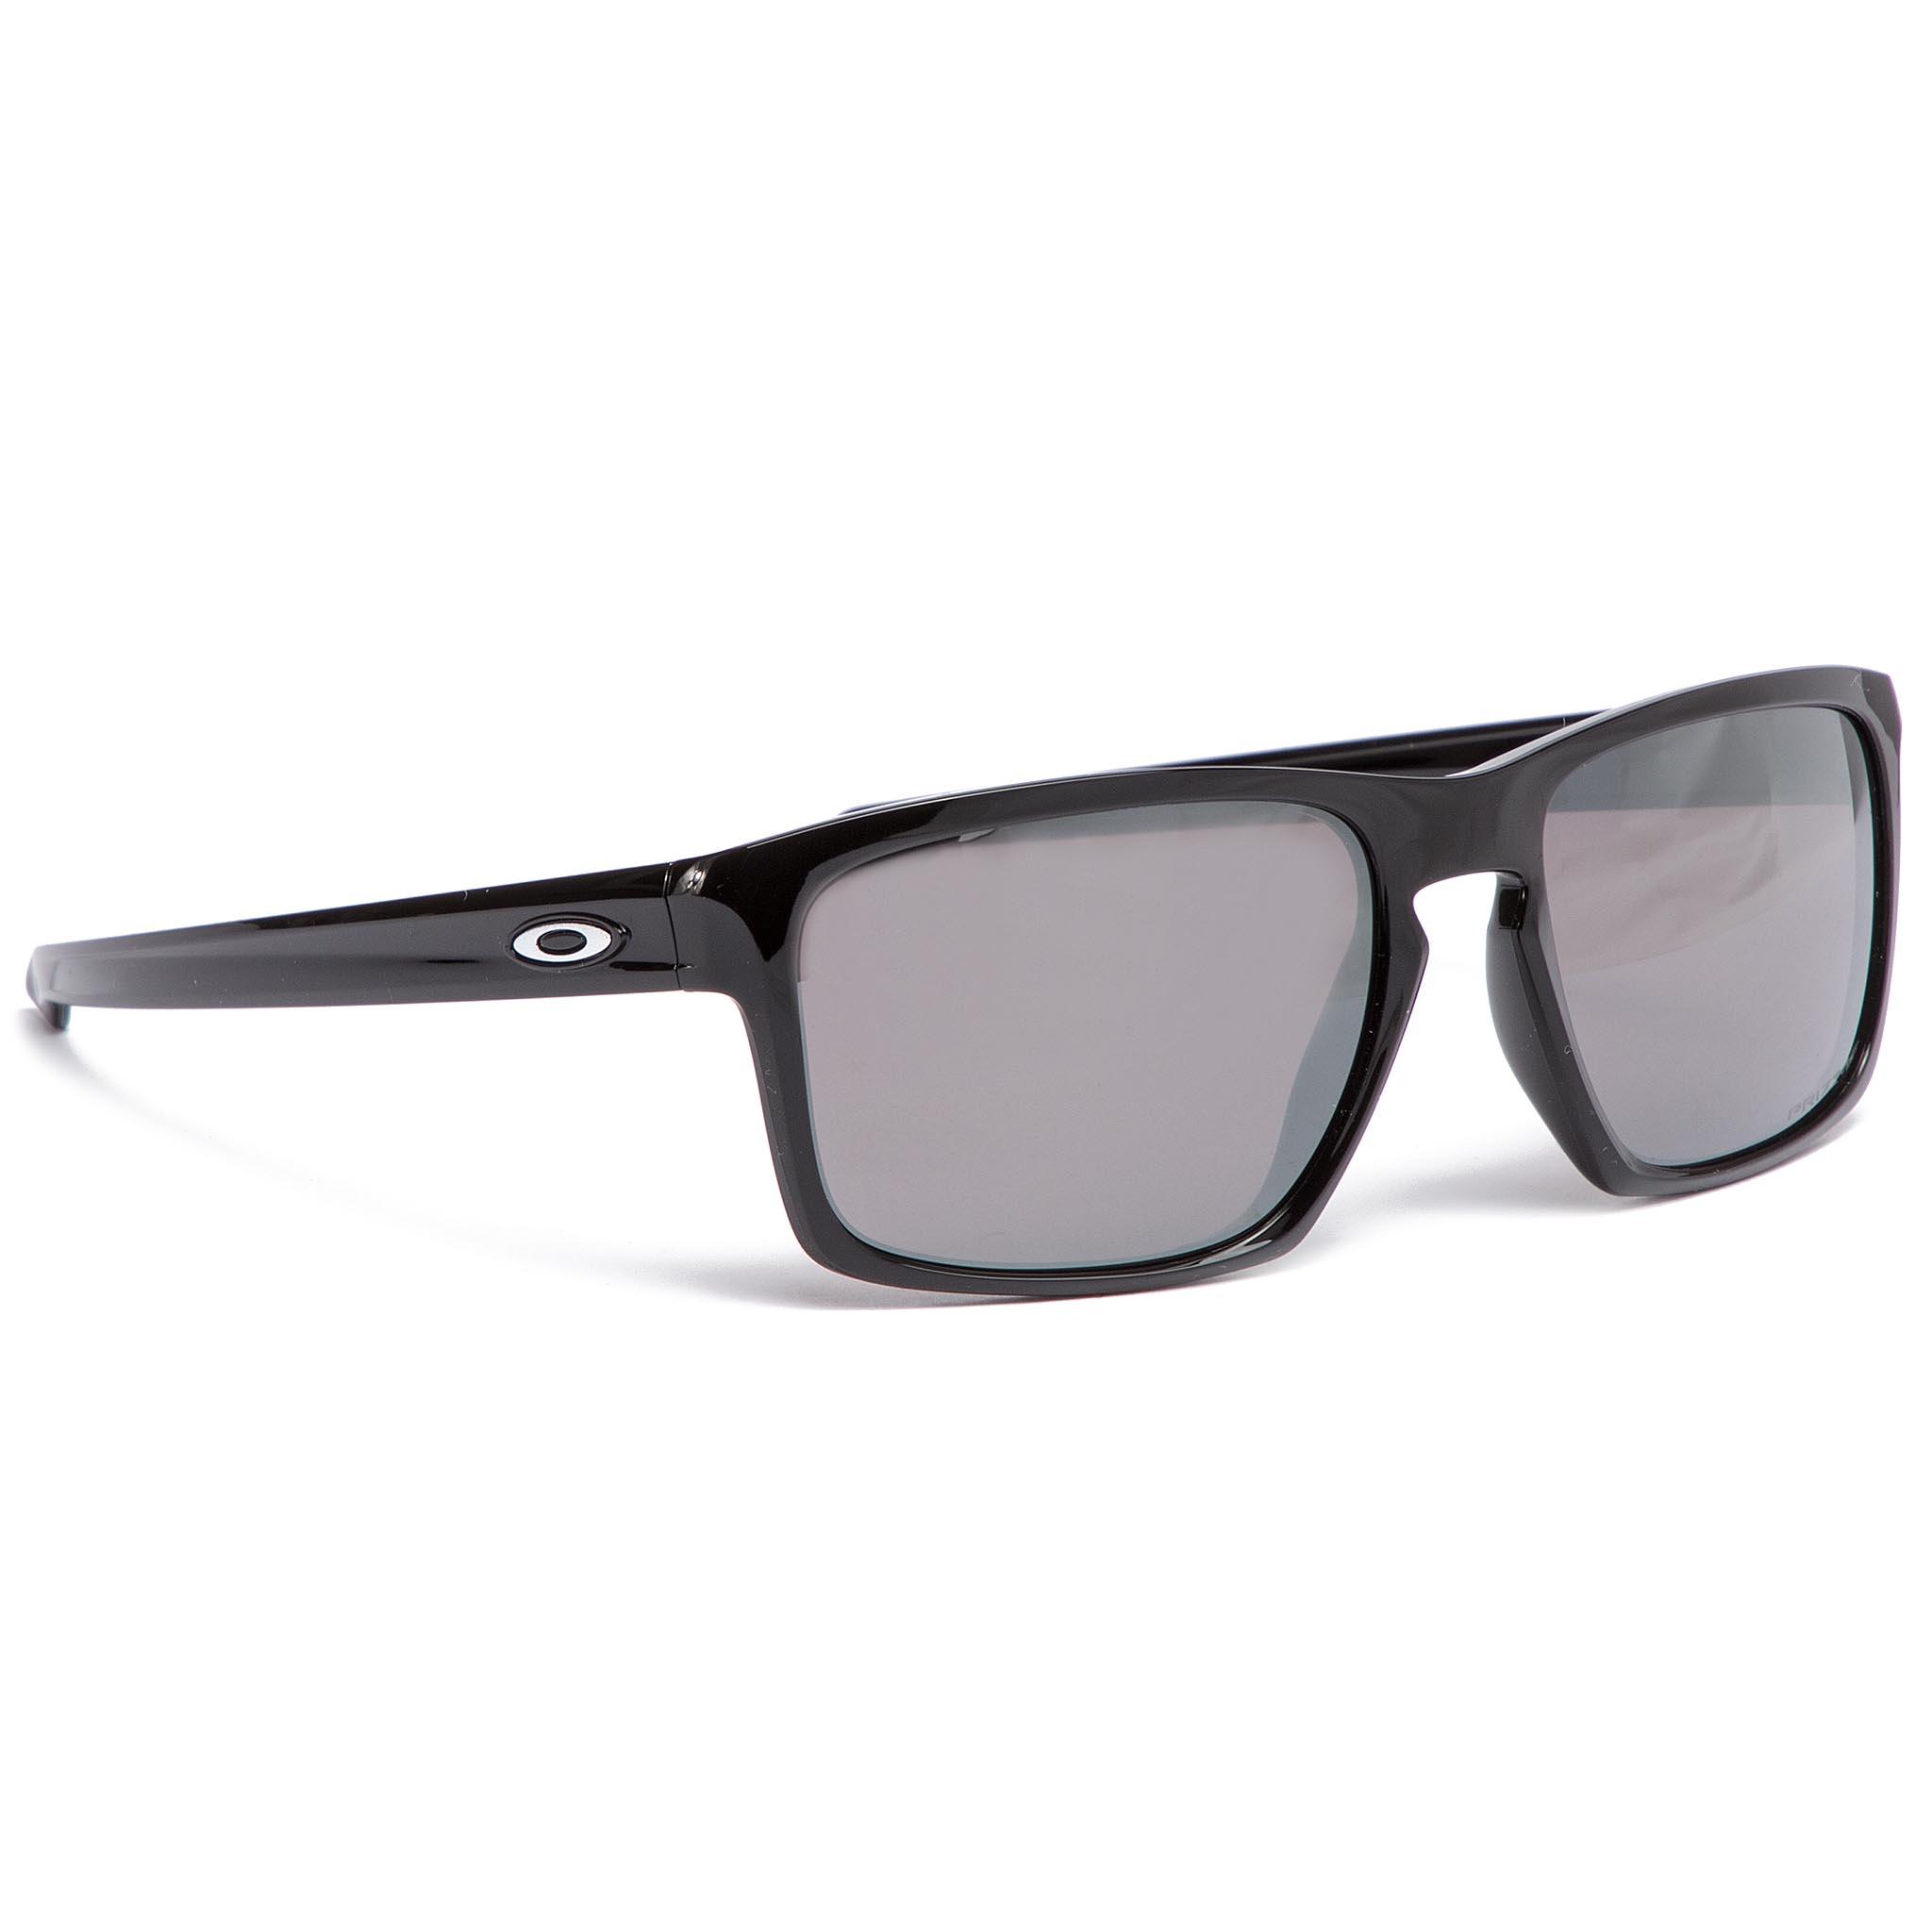 b0bacb8ed9 Γυαλιά ηλίου OAKLEY - Silver OO9262-4657 Polished Black Prizm Black Iridium